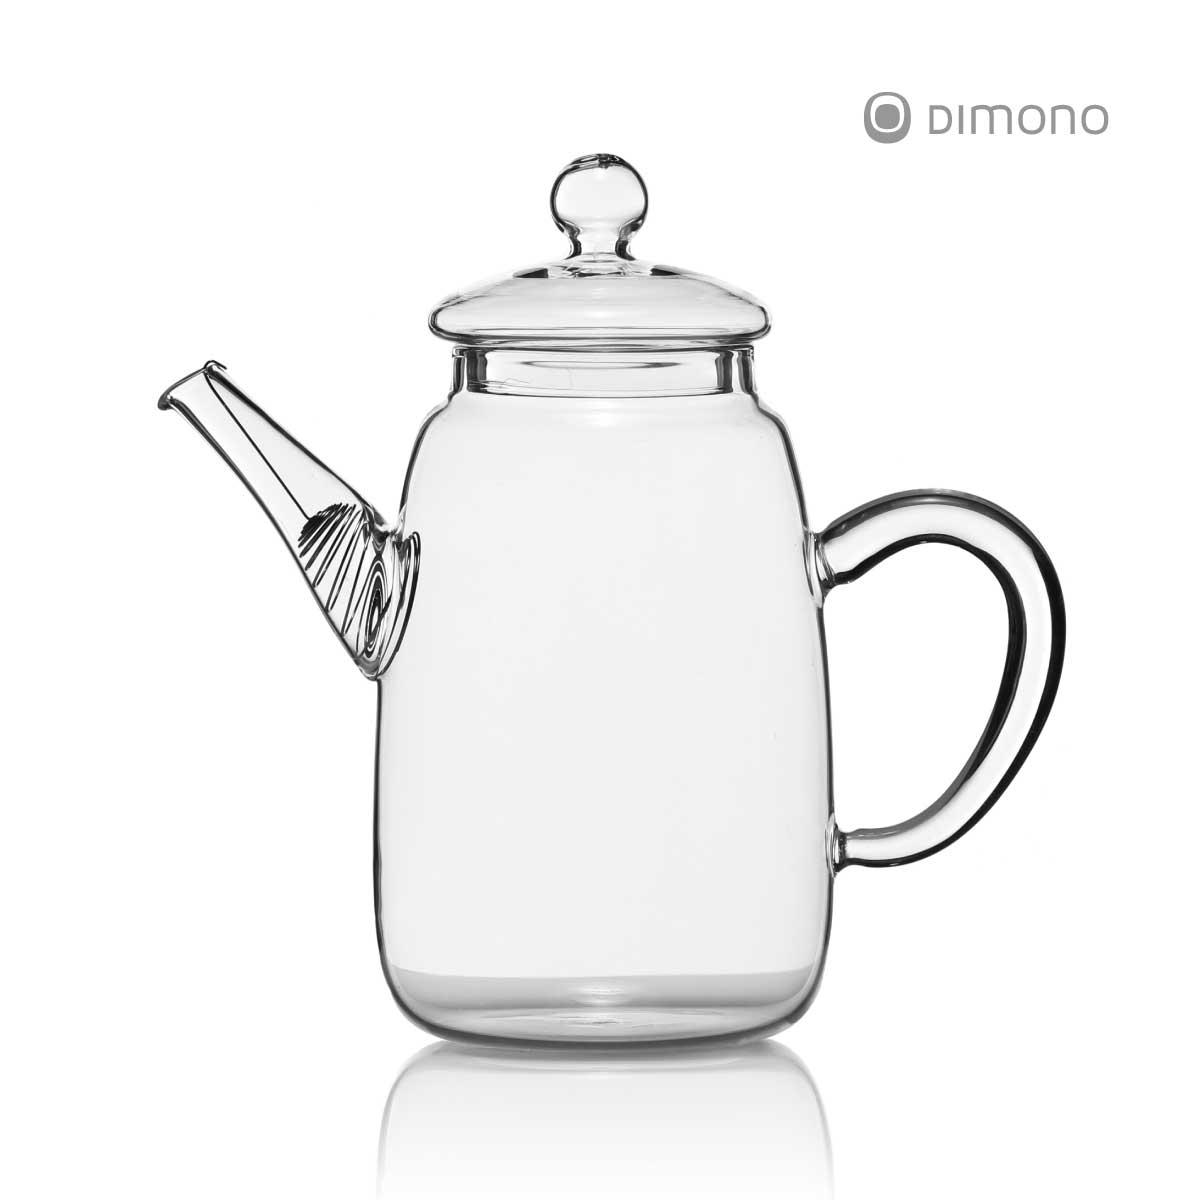 teekanne dimono aus borosilikat glas mit teesieb glaskanne teebereiter deckel ebay. Black Bedroom Furniture Sets. Home Design Ideas